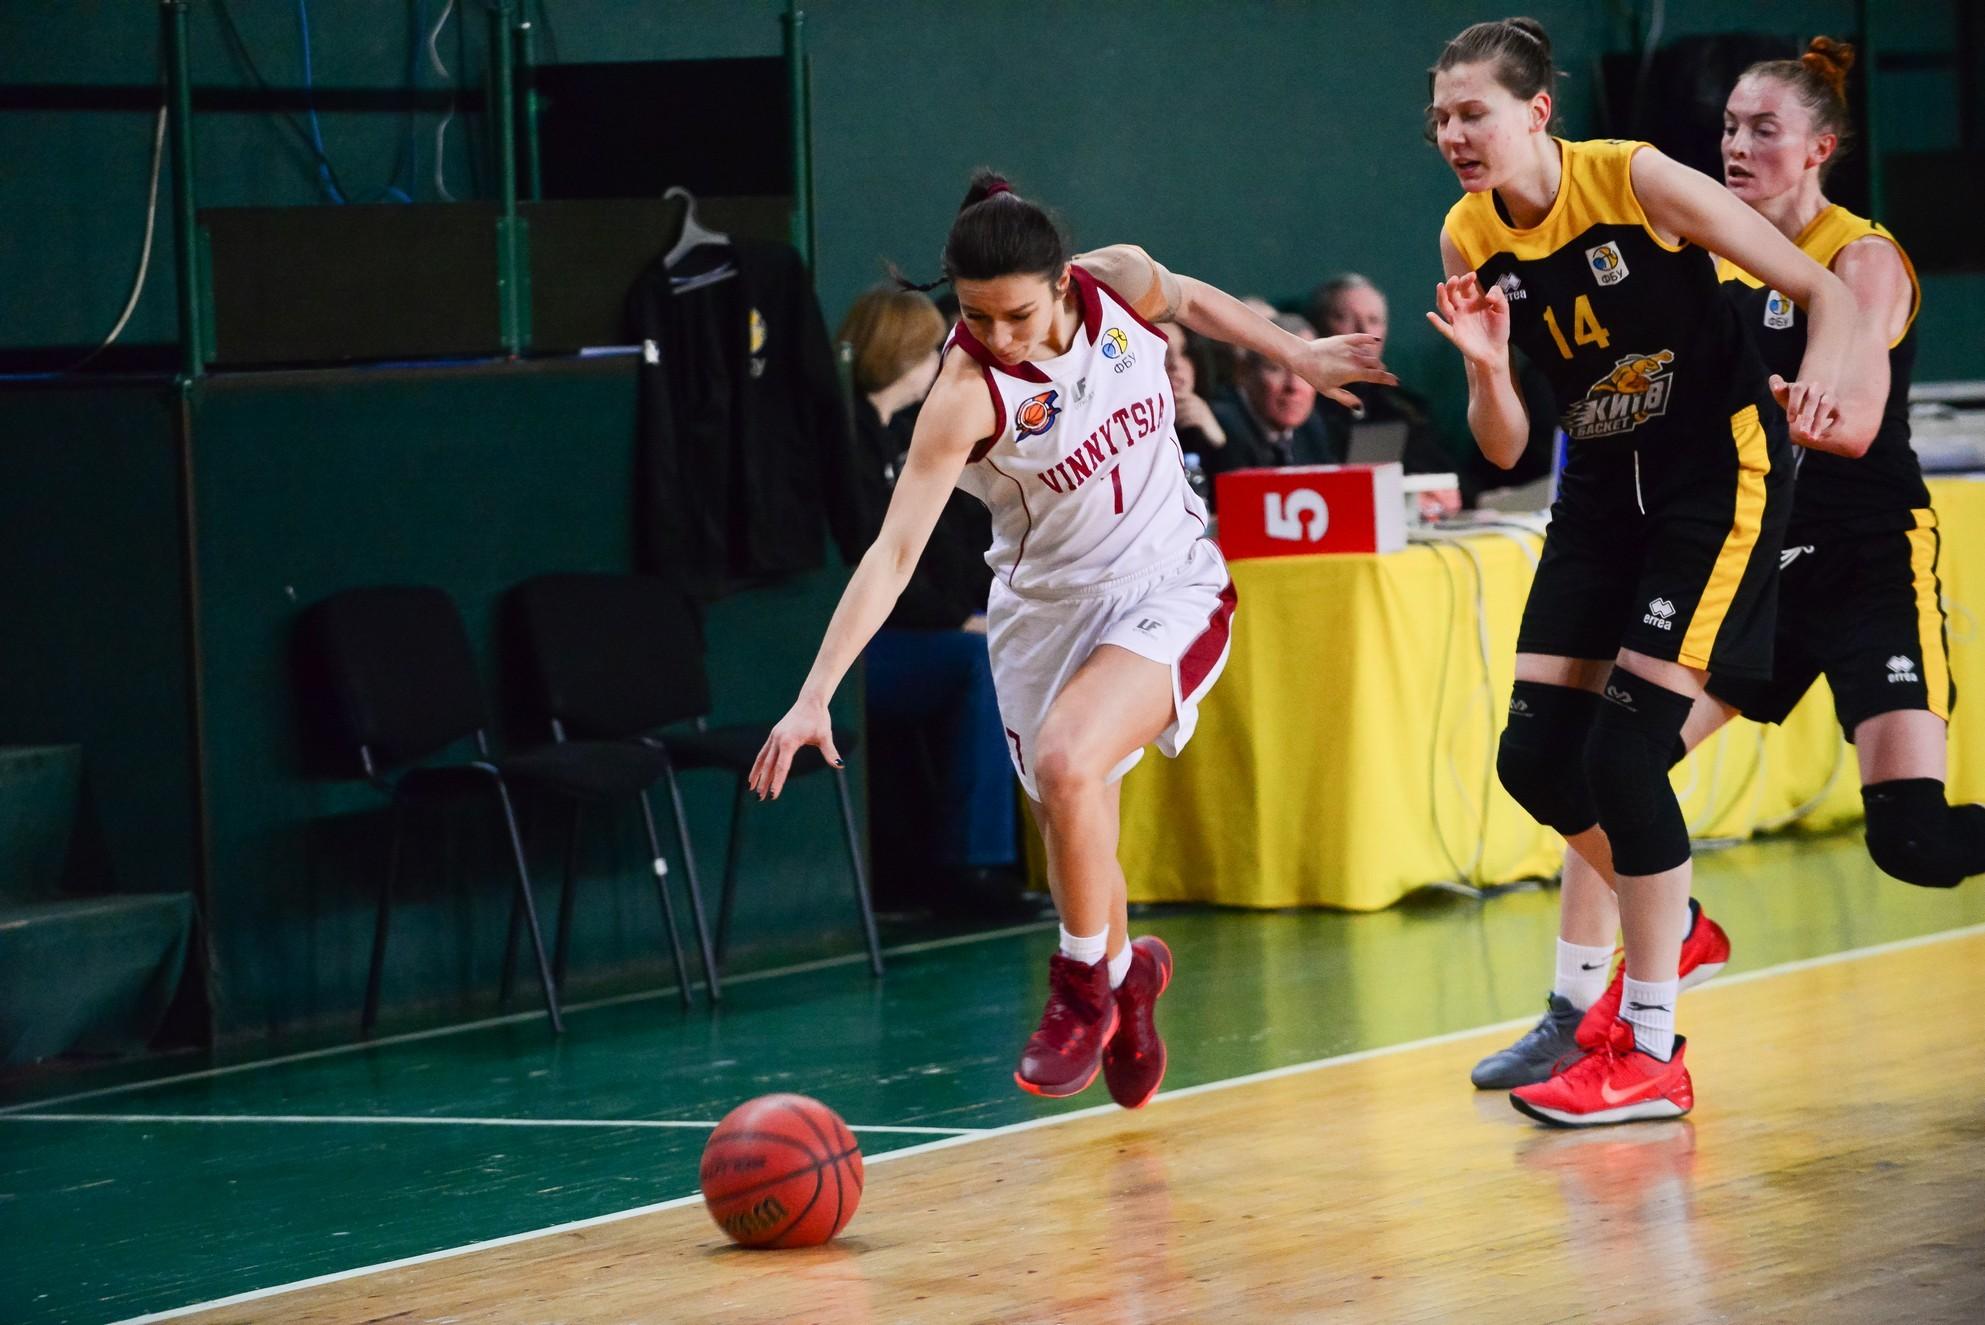 Переможна серія Київ-Баскета зросла до 23 матчів: фотогалерея